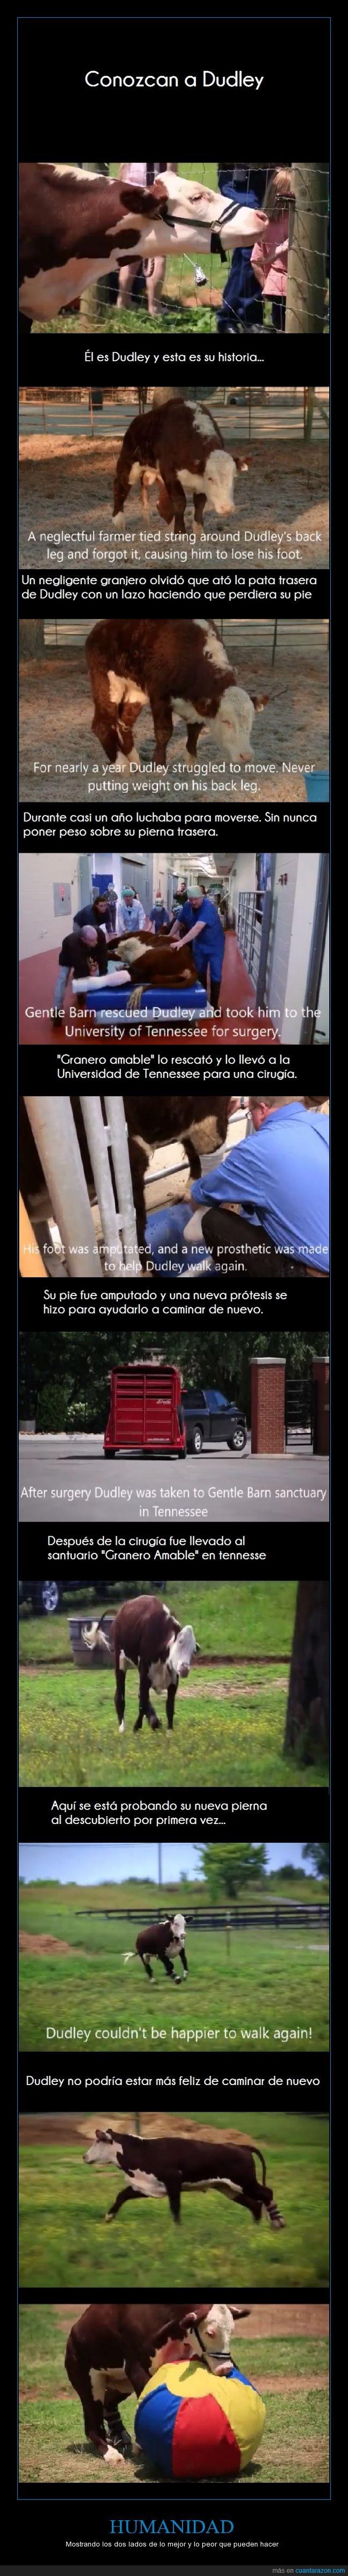 bovino,cuidar,Dudley,pata,protesis,salvar,ternera,vaca